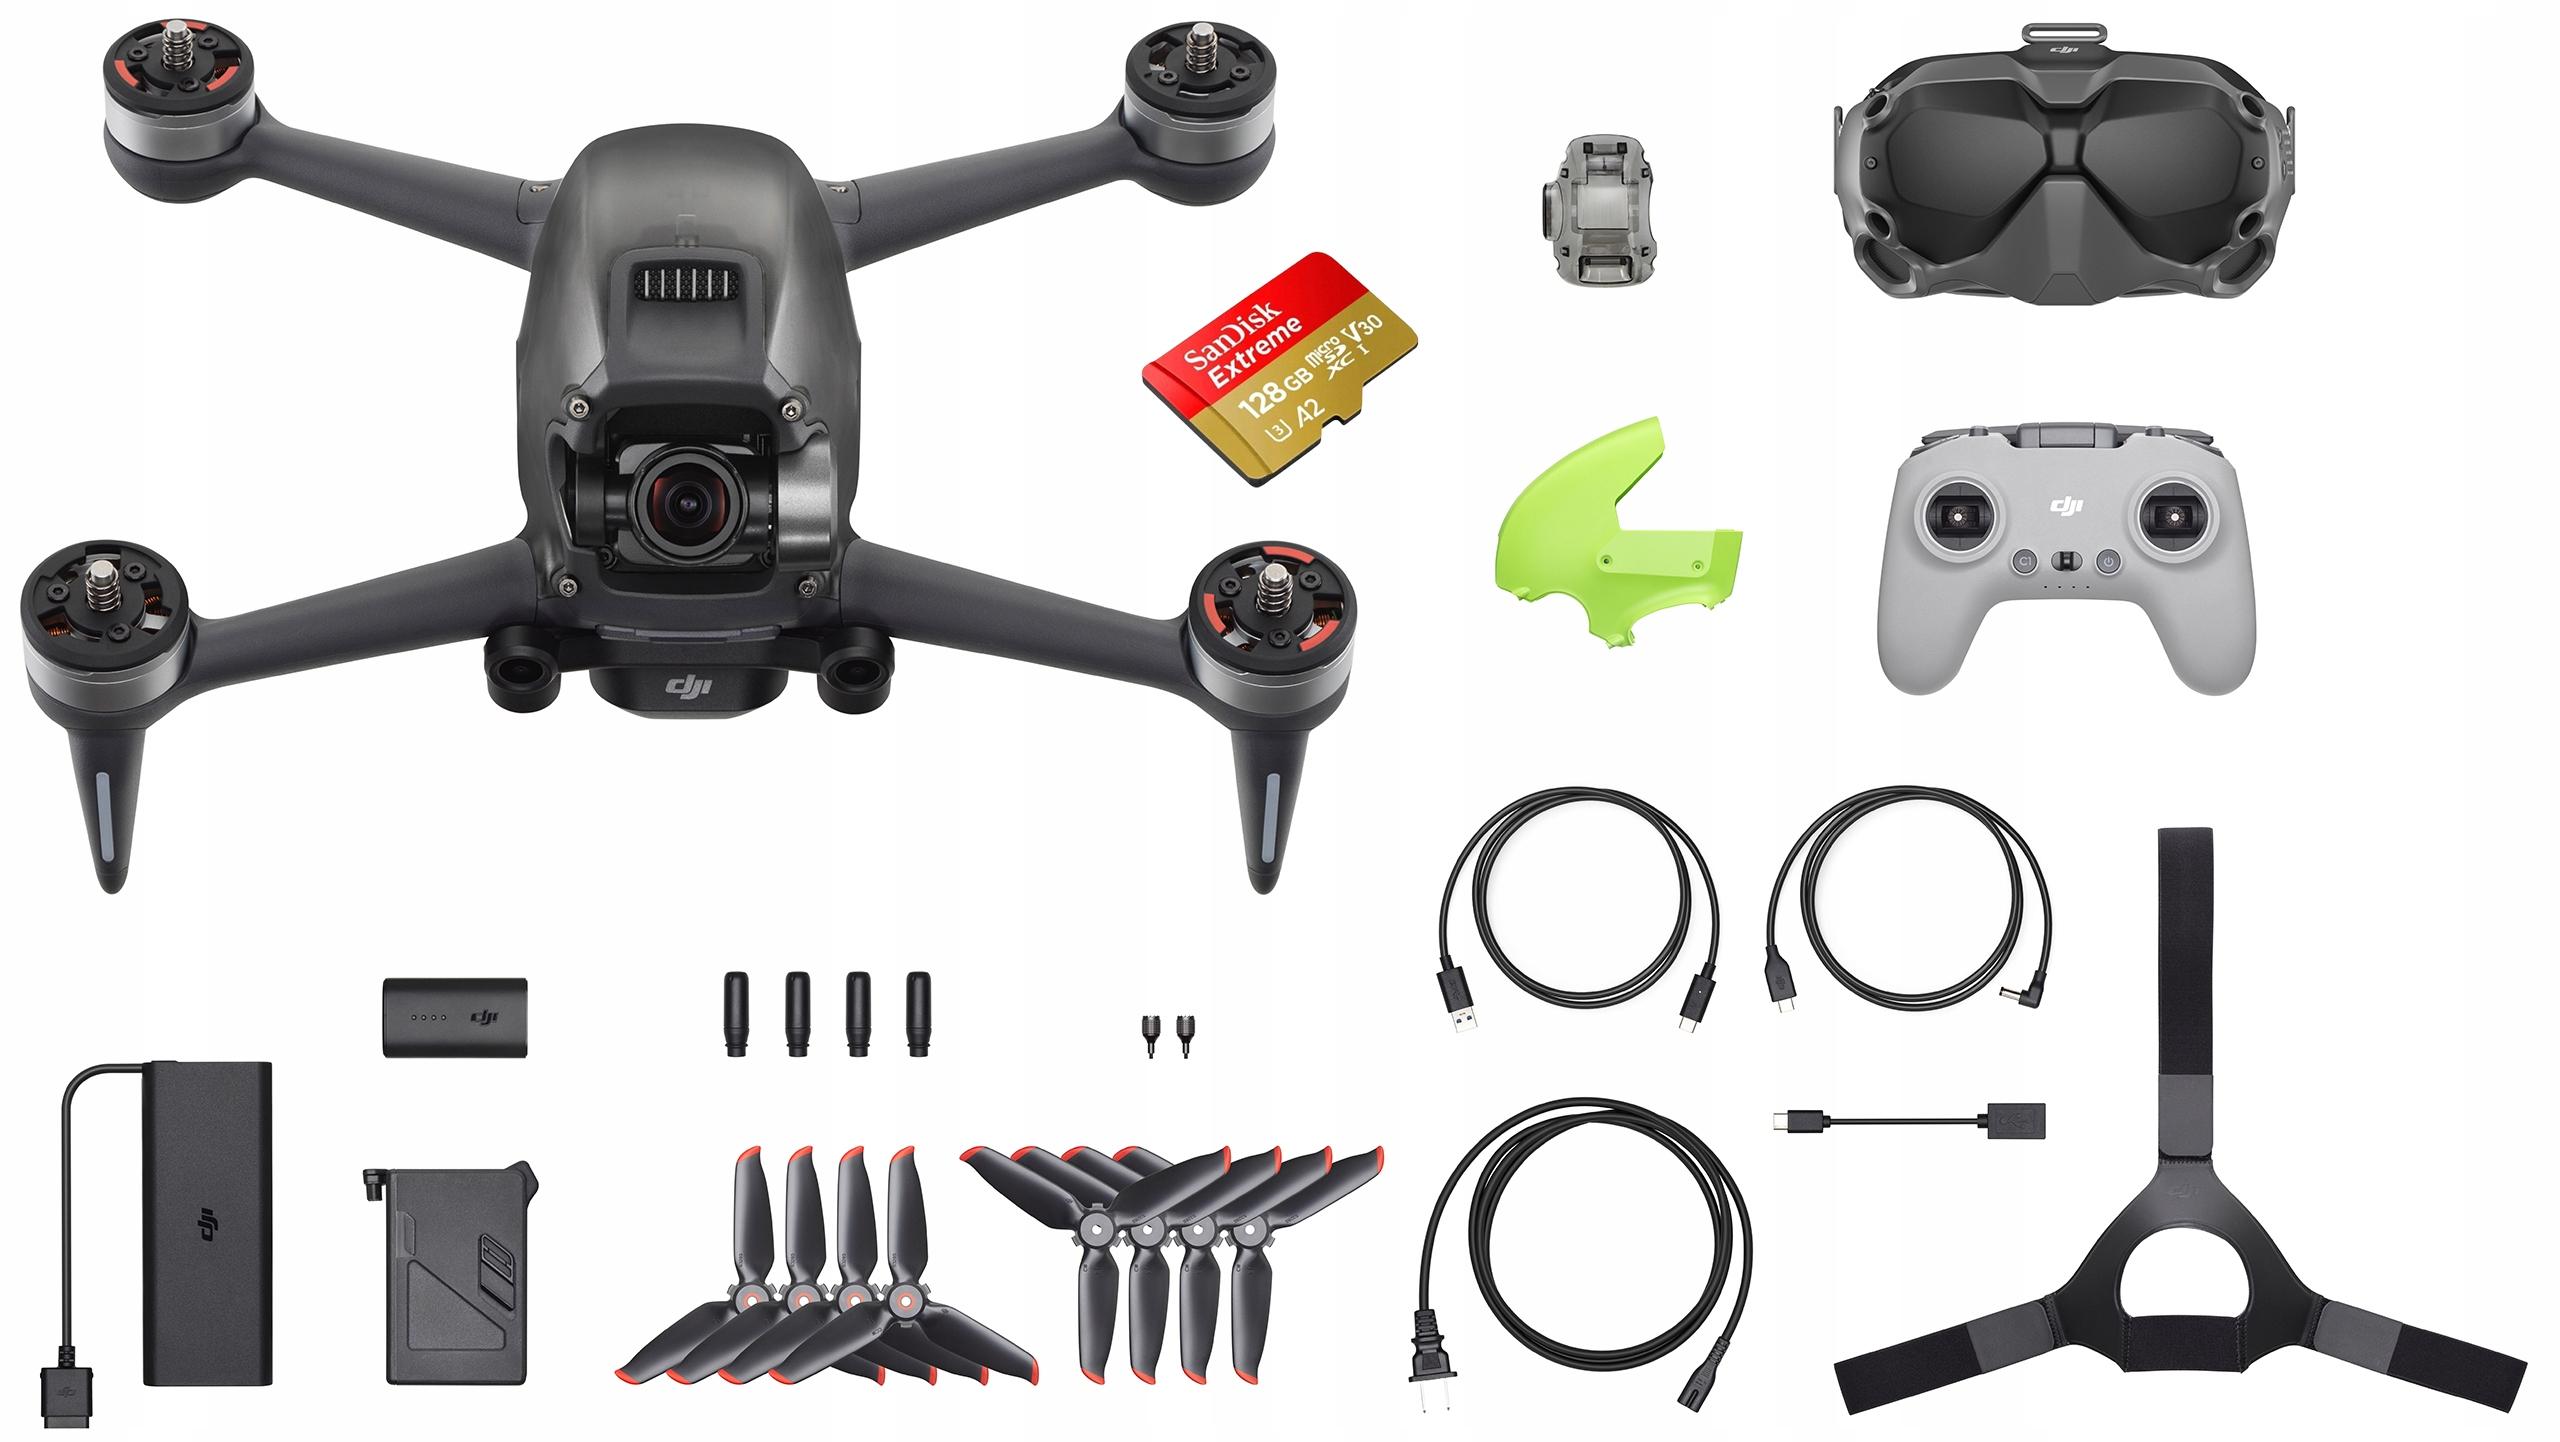 Dron DJI FPV + Fly More Kit (Combo) 3 Baterie Hub Model DJI FPV Combo + DJI FPV Fly More Kit